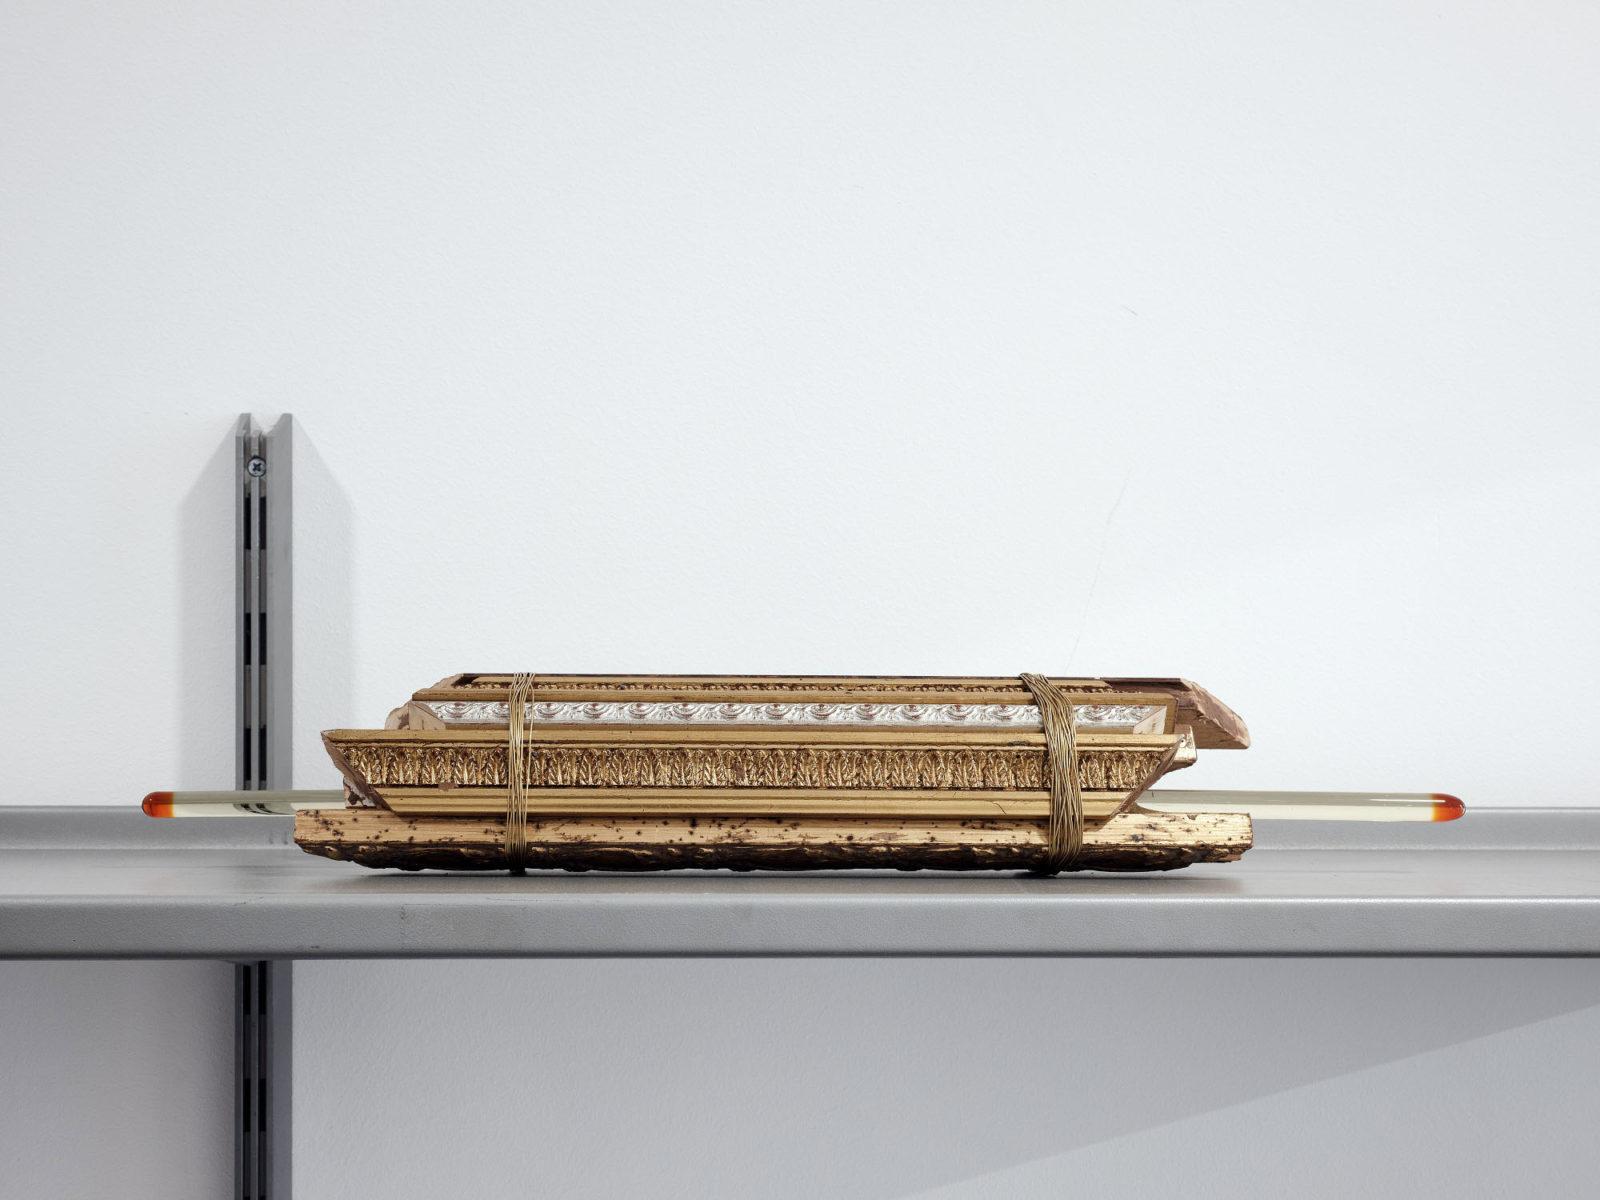 Penzo+Fiore, IlQuartoStato, Tabularium, Gold one – artist proof, 2019, ph. G. Cecchinato